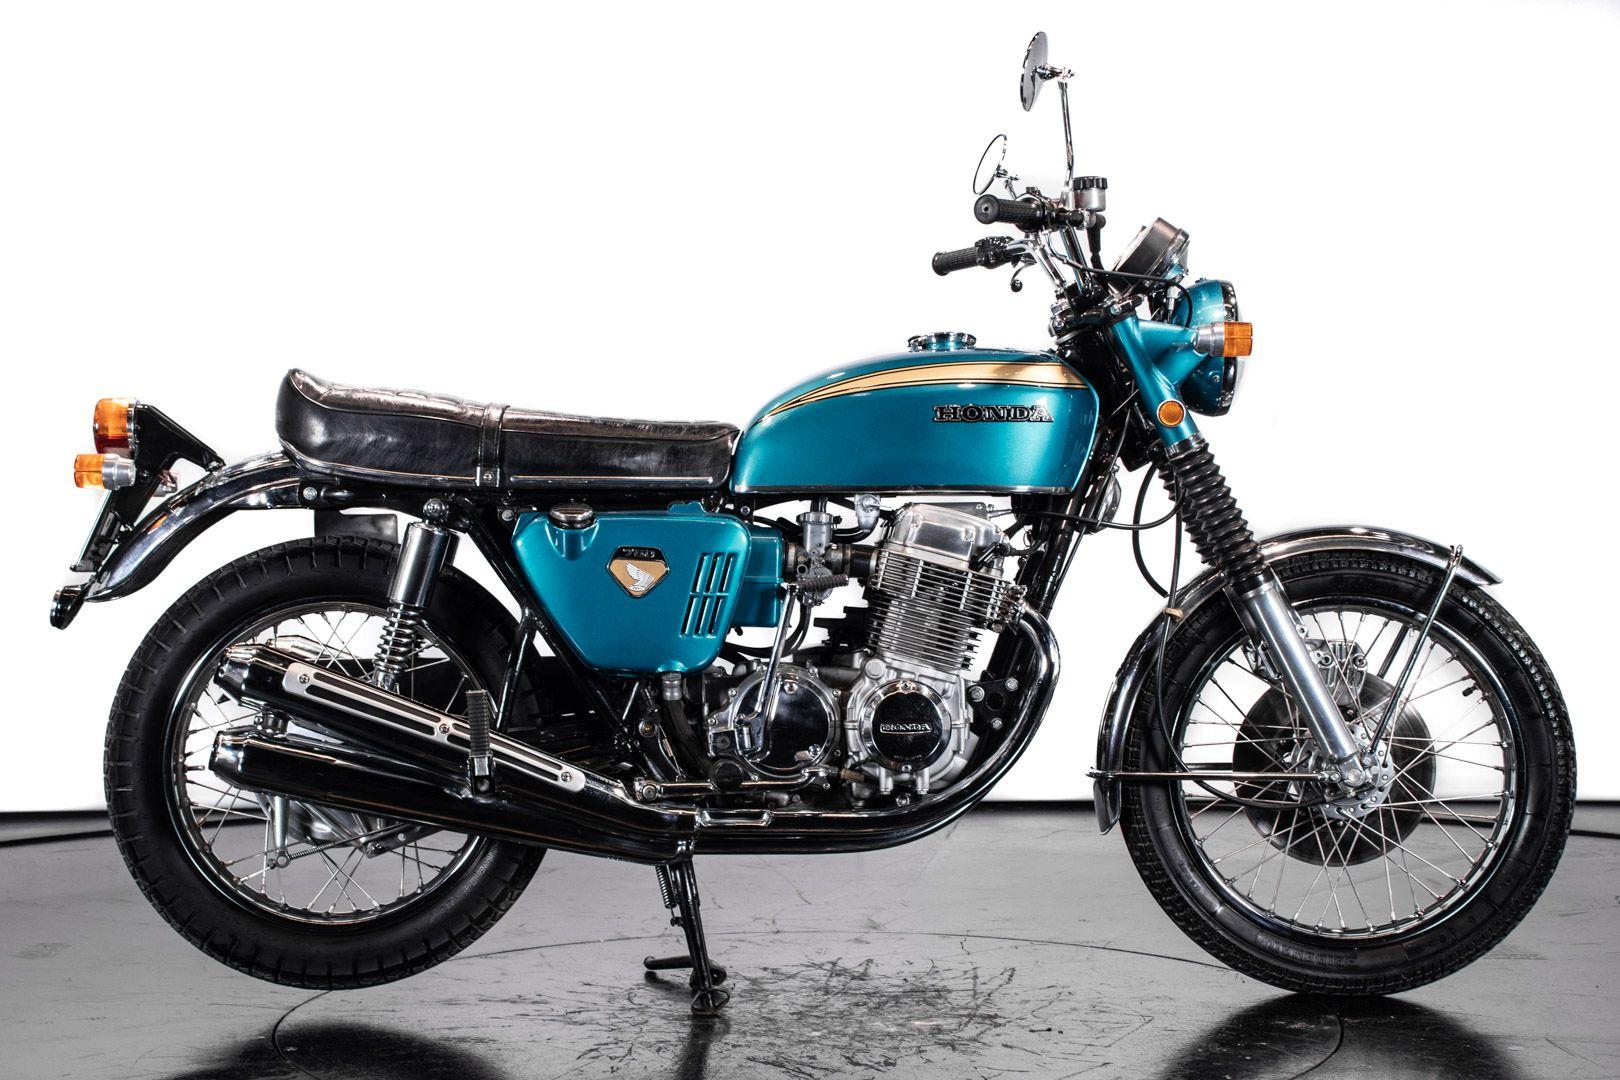 1970 Honda CB 750 Four K0 83829